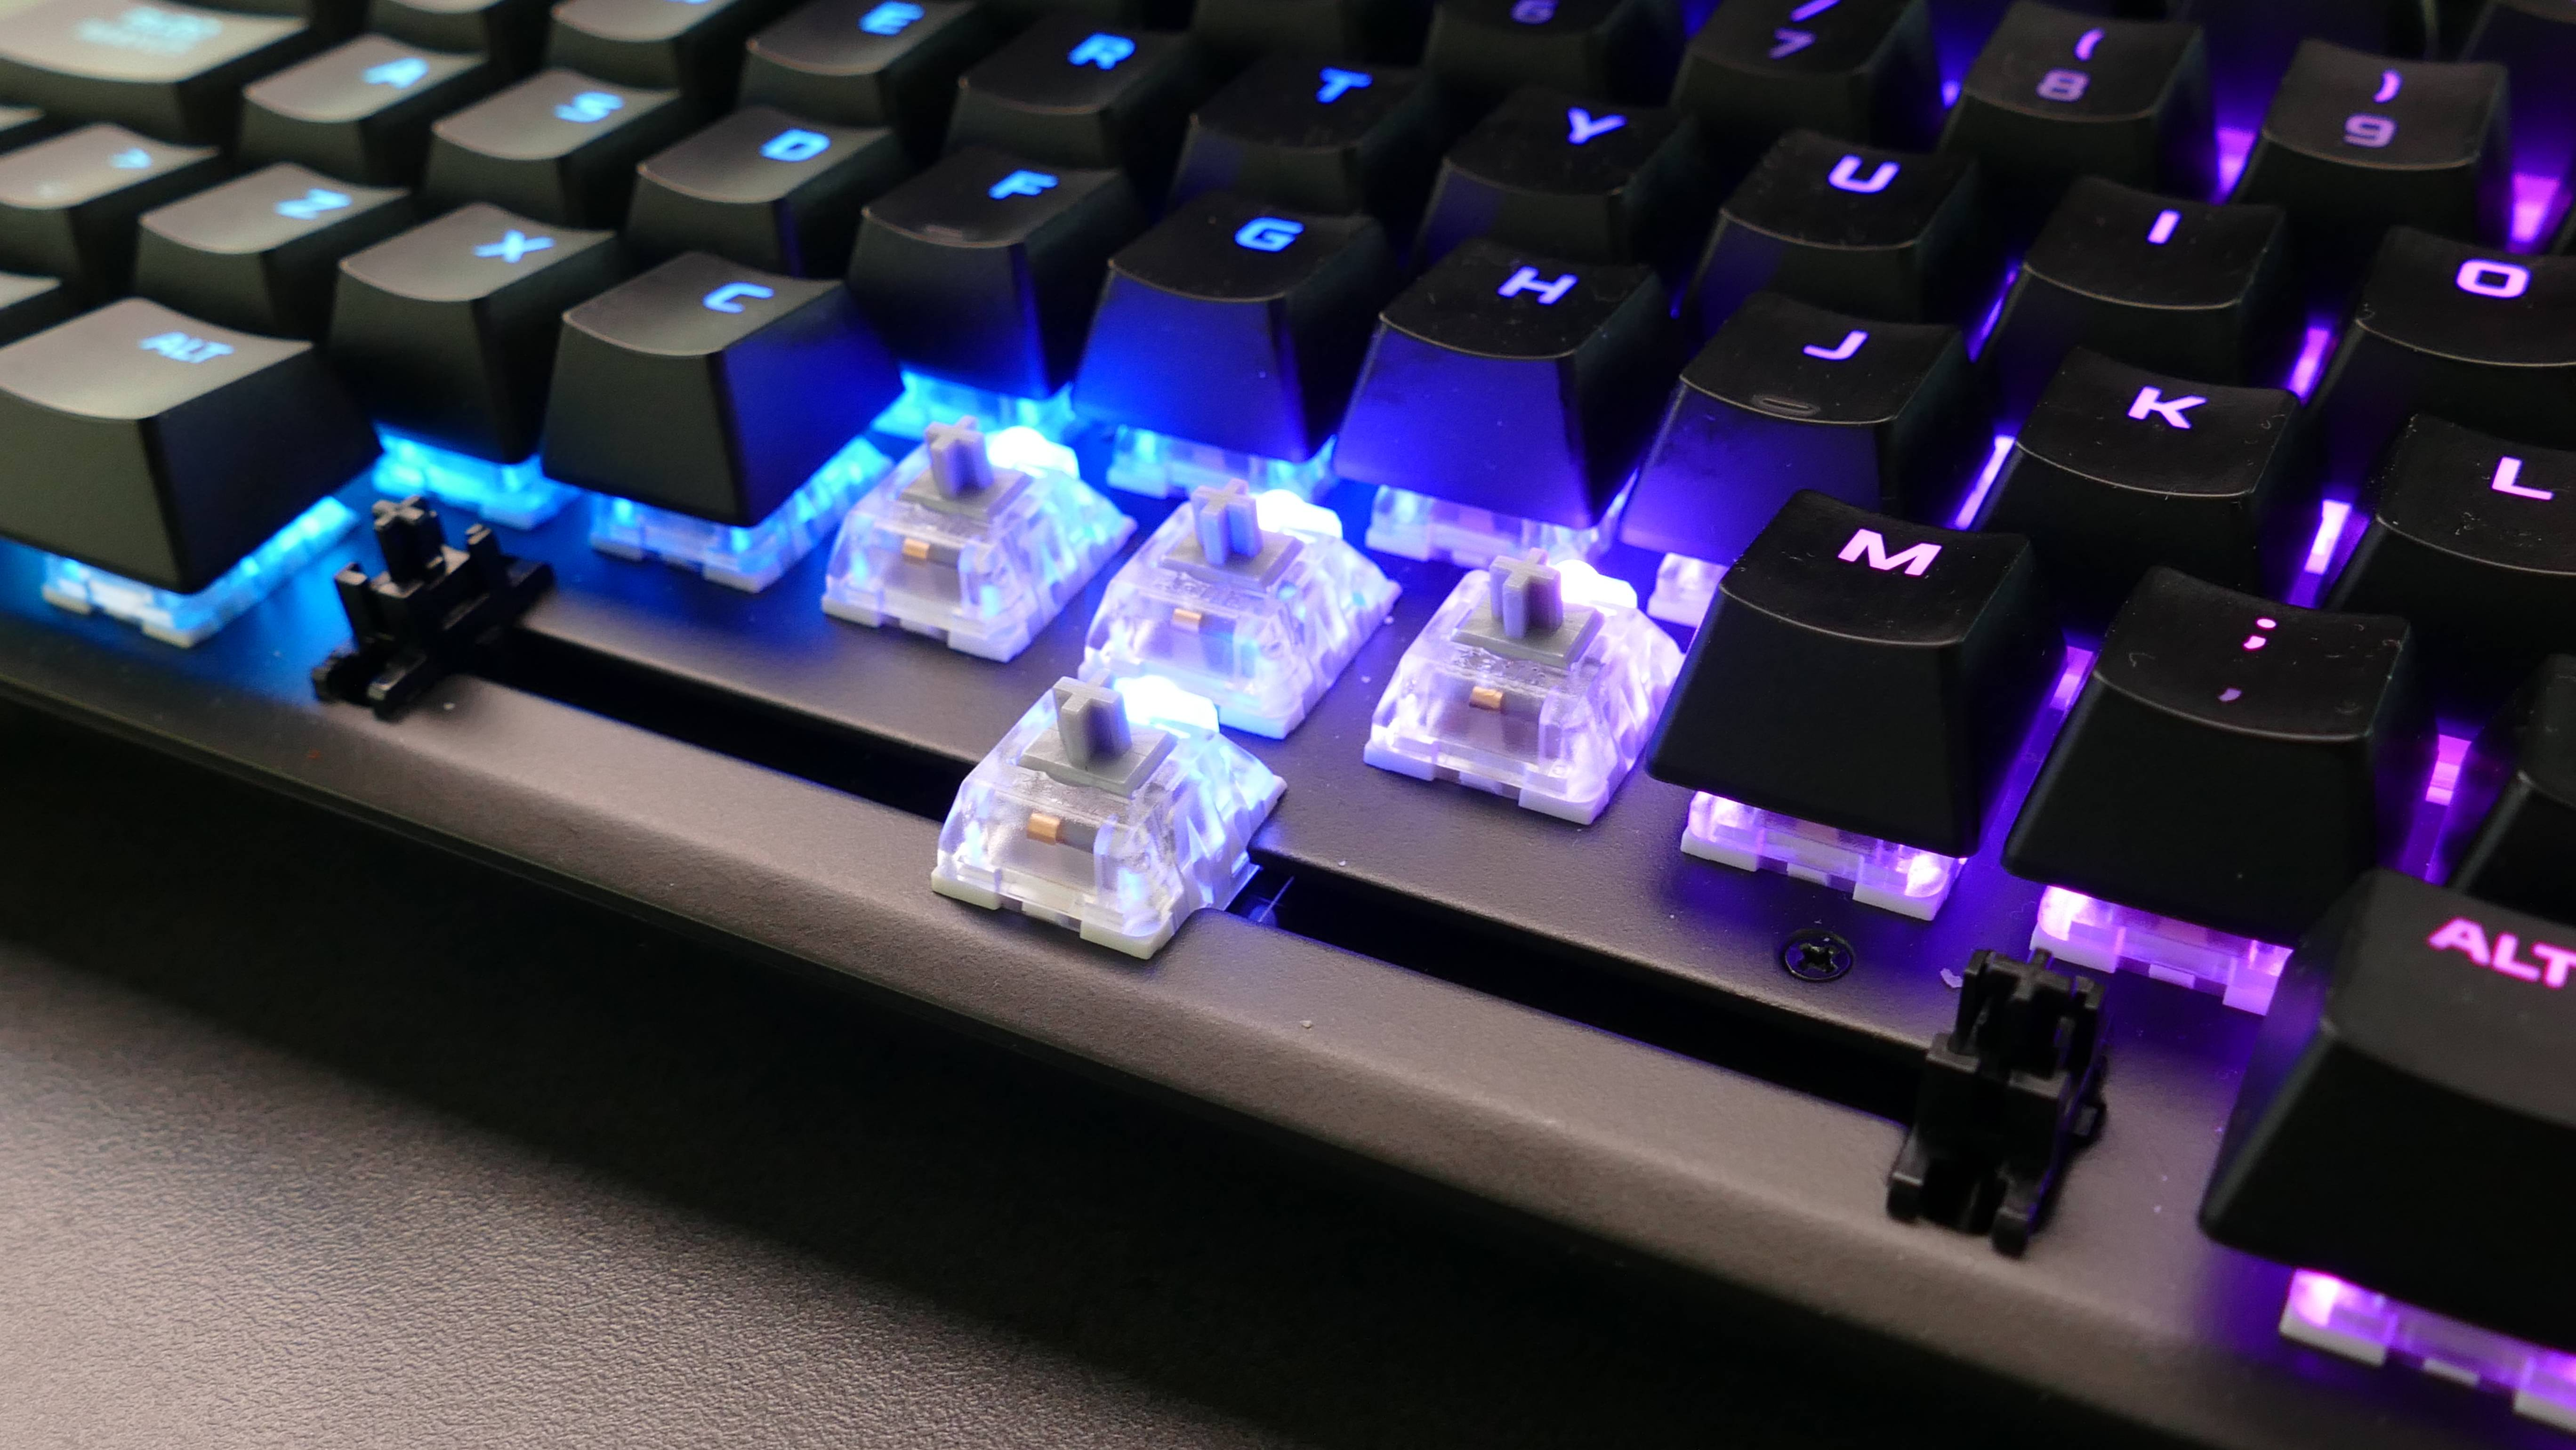 Para deportistas digitales: Review del teclado HyperX Alloy FPS RGB [FW Labs]